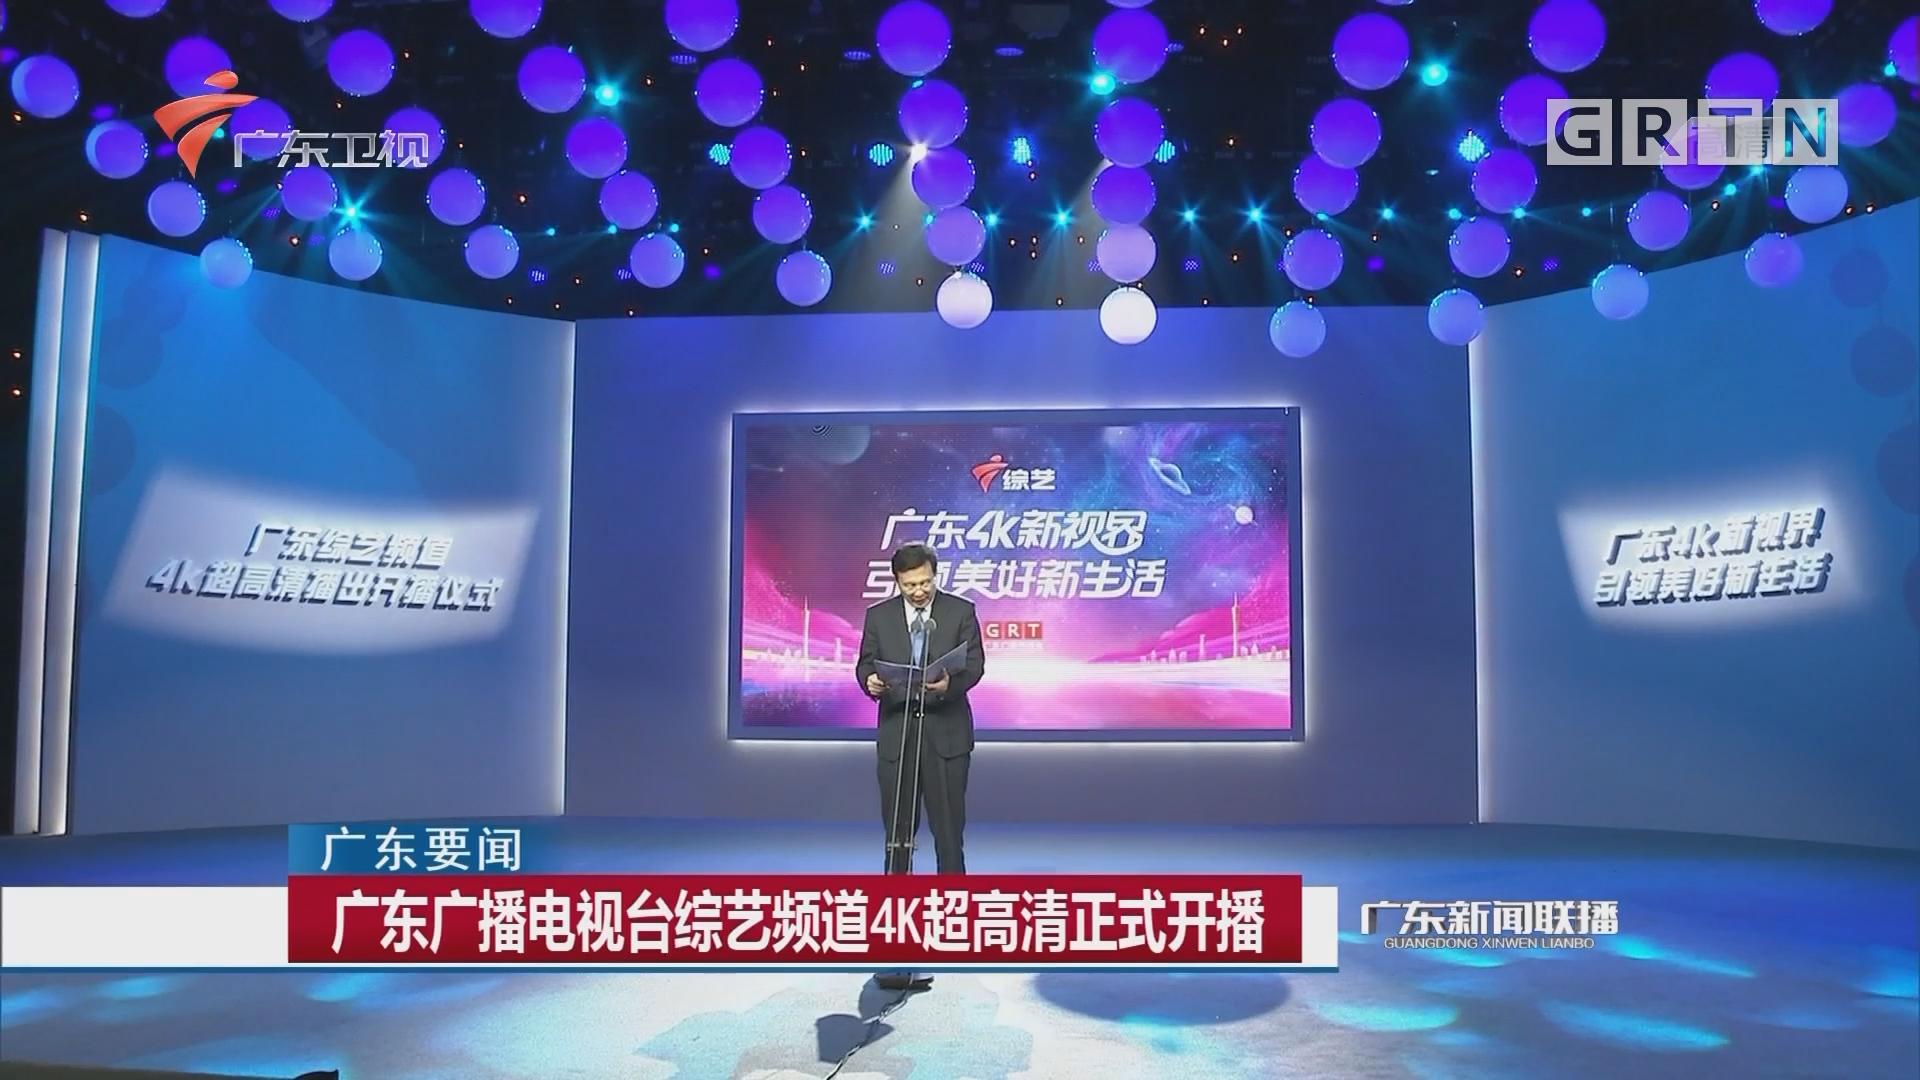 贝斯特客户端综艺频道4K超高清正式开播